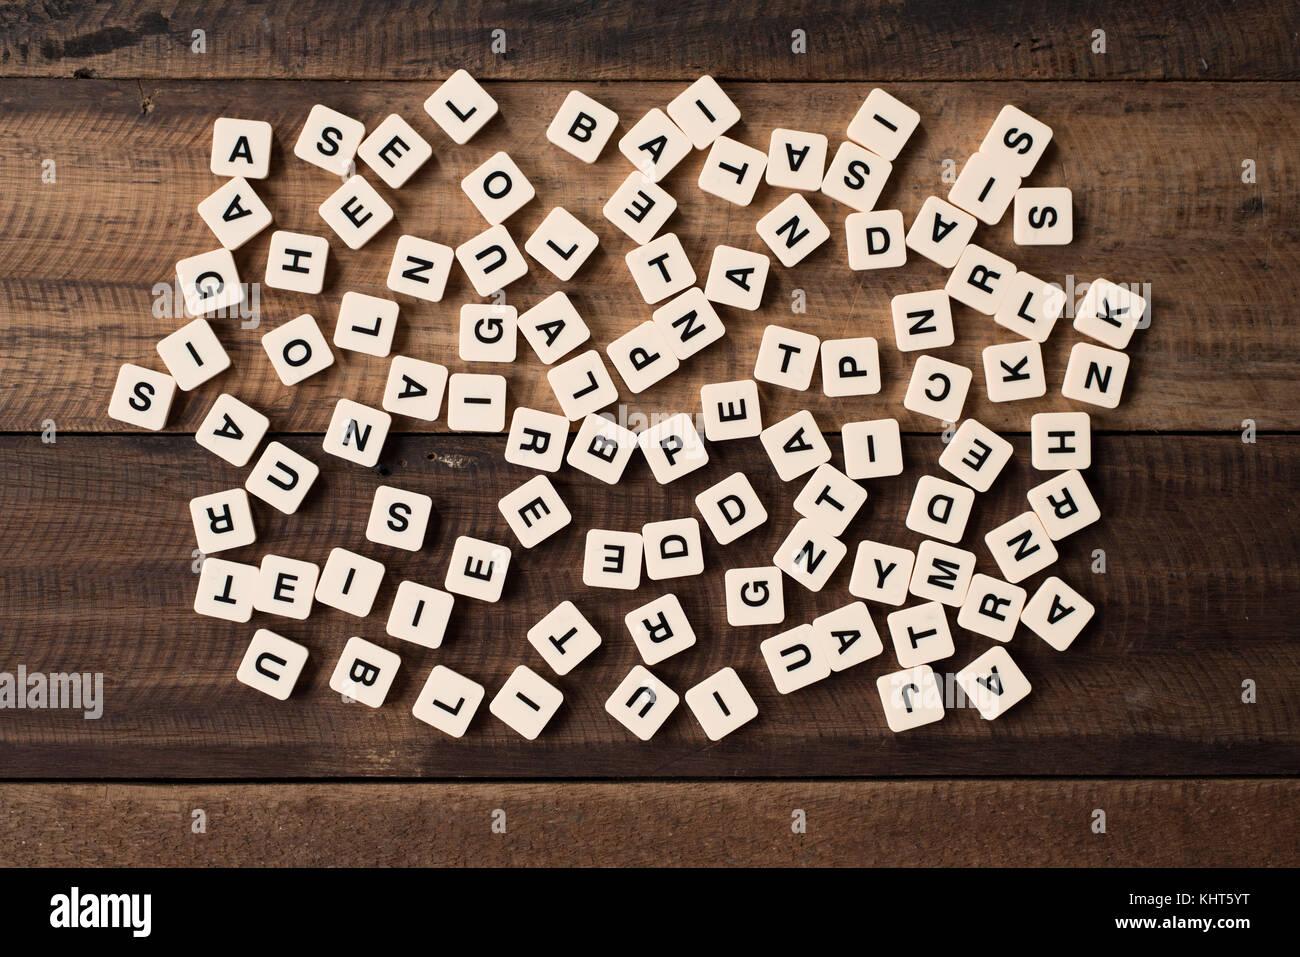 Lernen und Bildung Konzept - Alphabet Tiles/Blöcke auf Holz- Hintergrund Stockbild